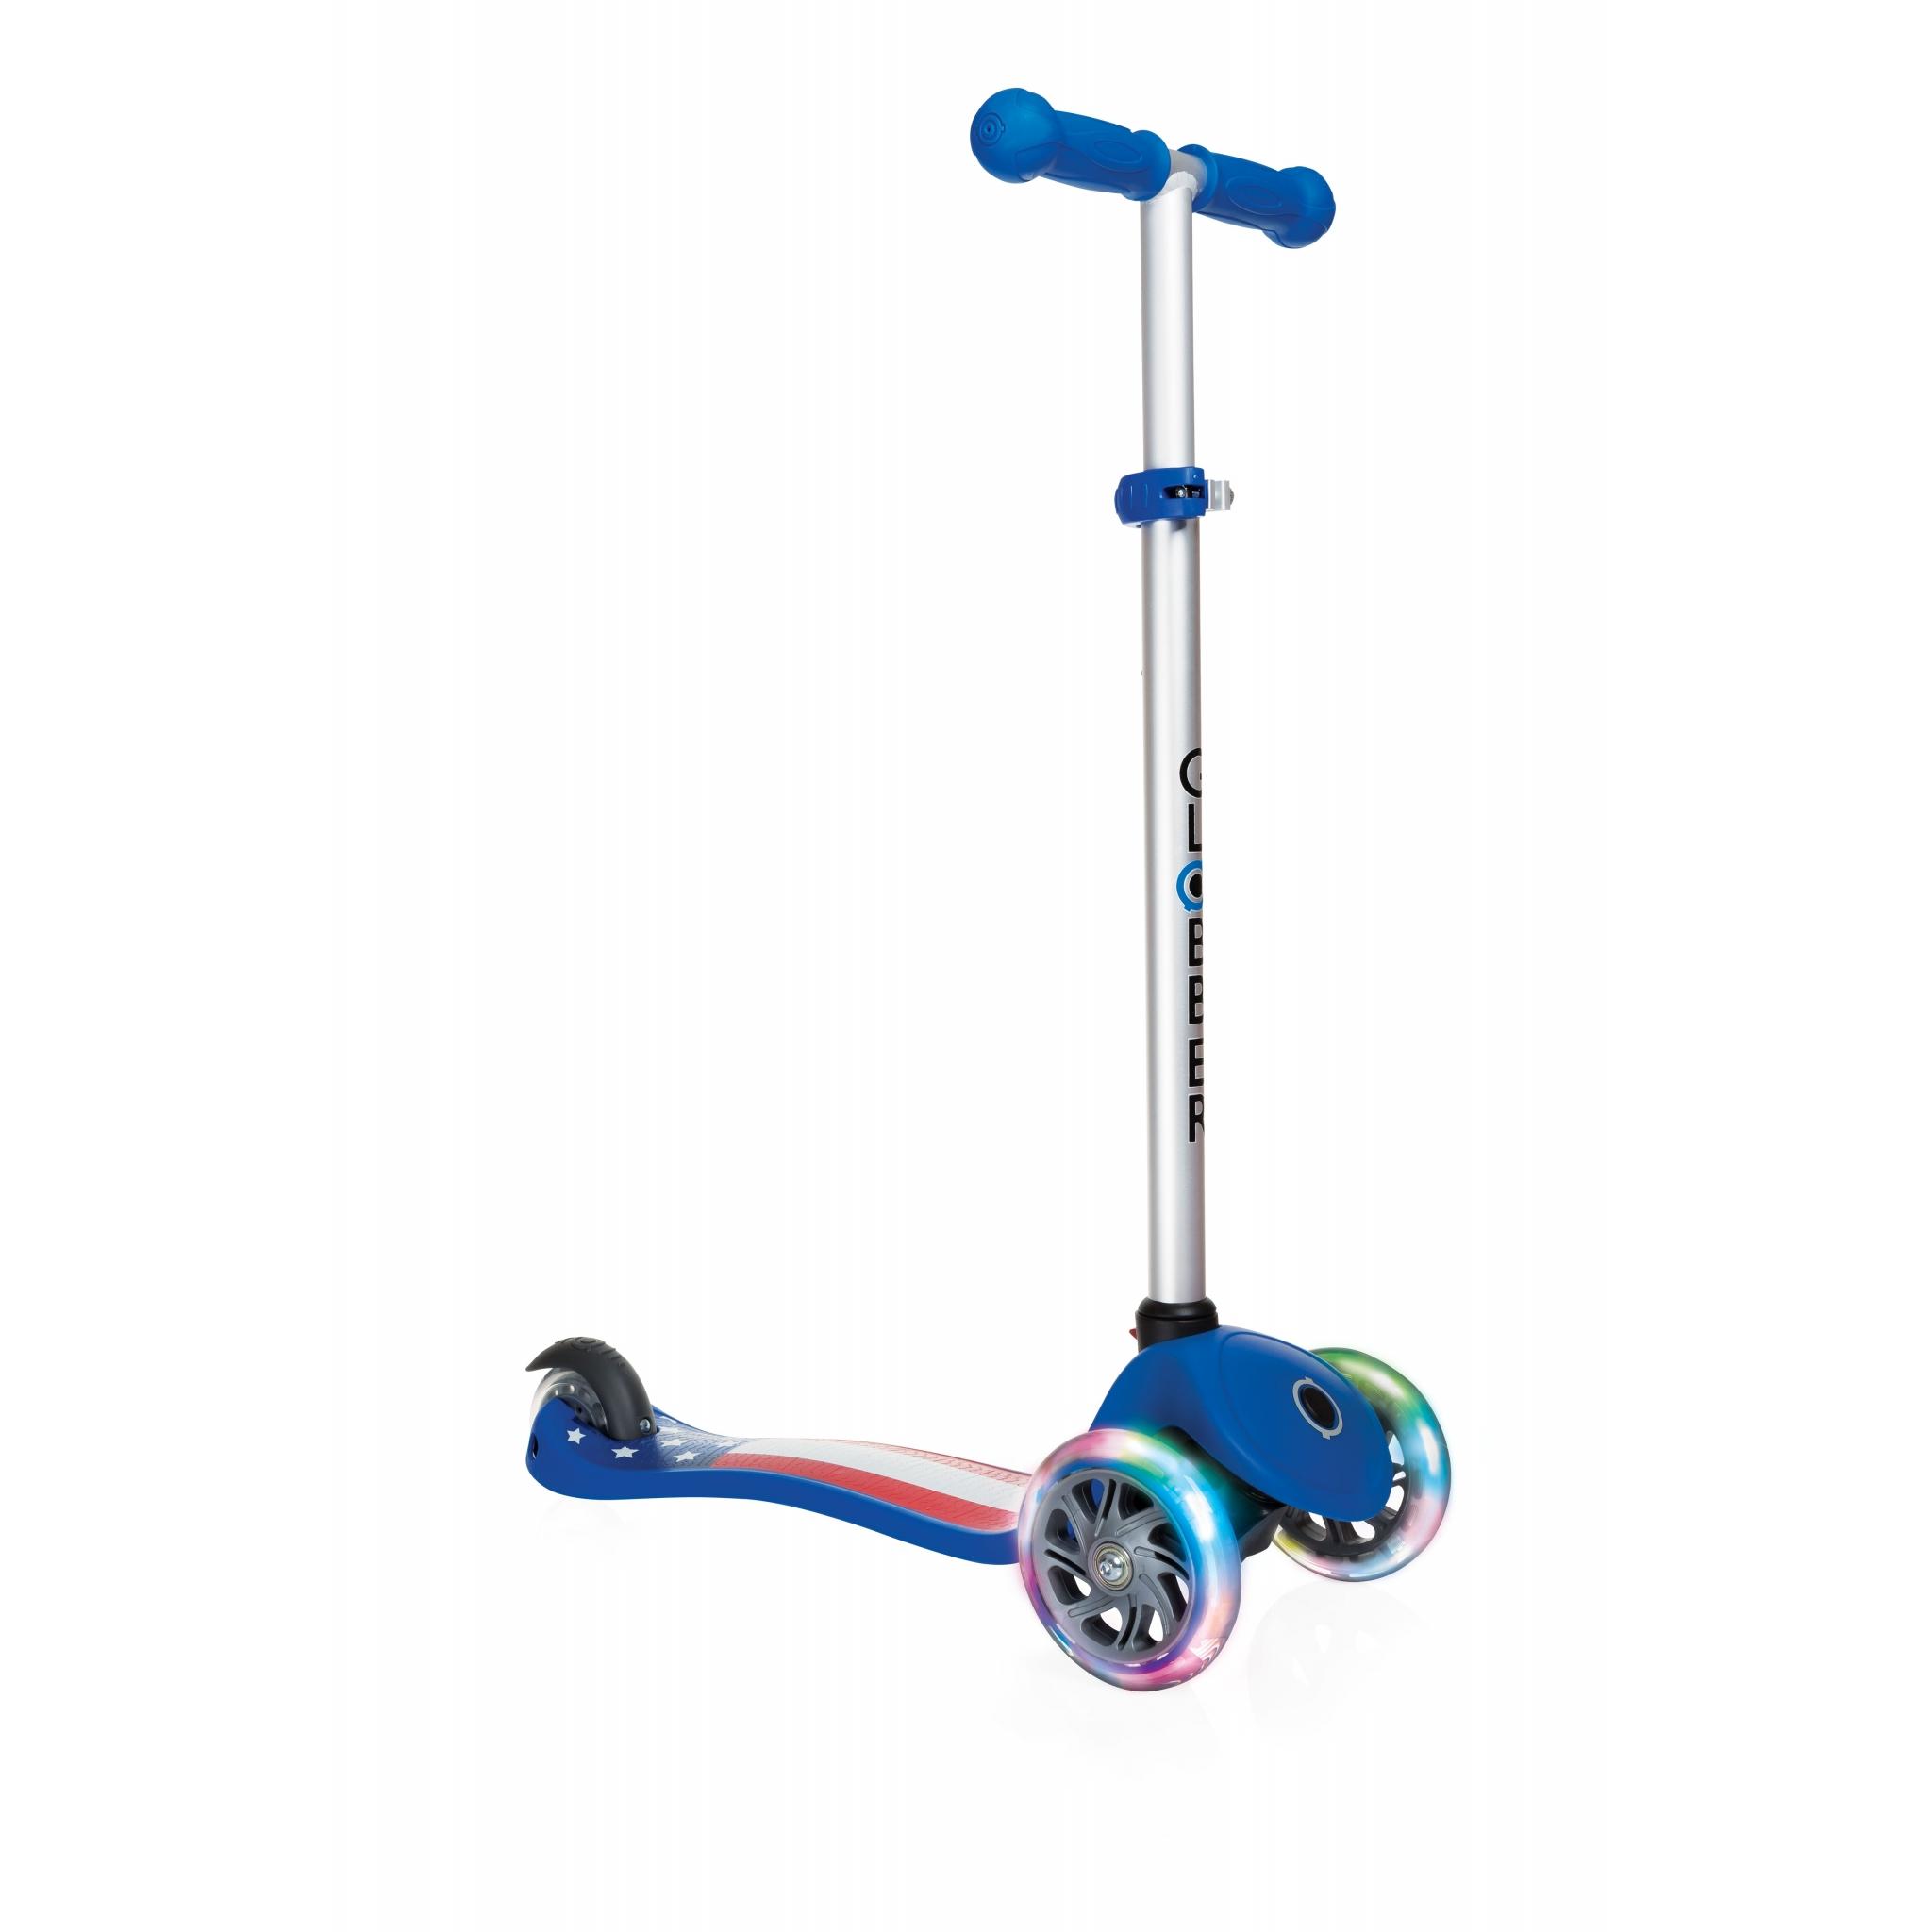 3 wheel light up scooter - Globber PRIMO FANTASY LIGHTS 0